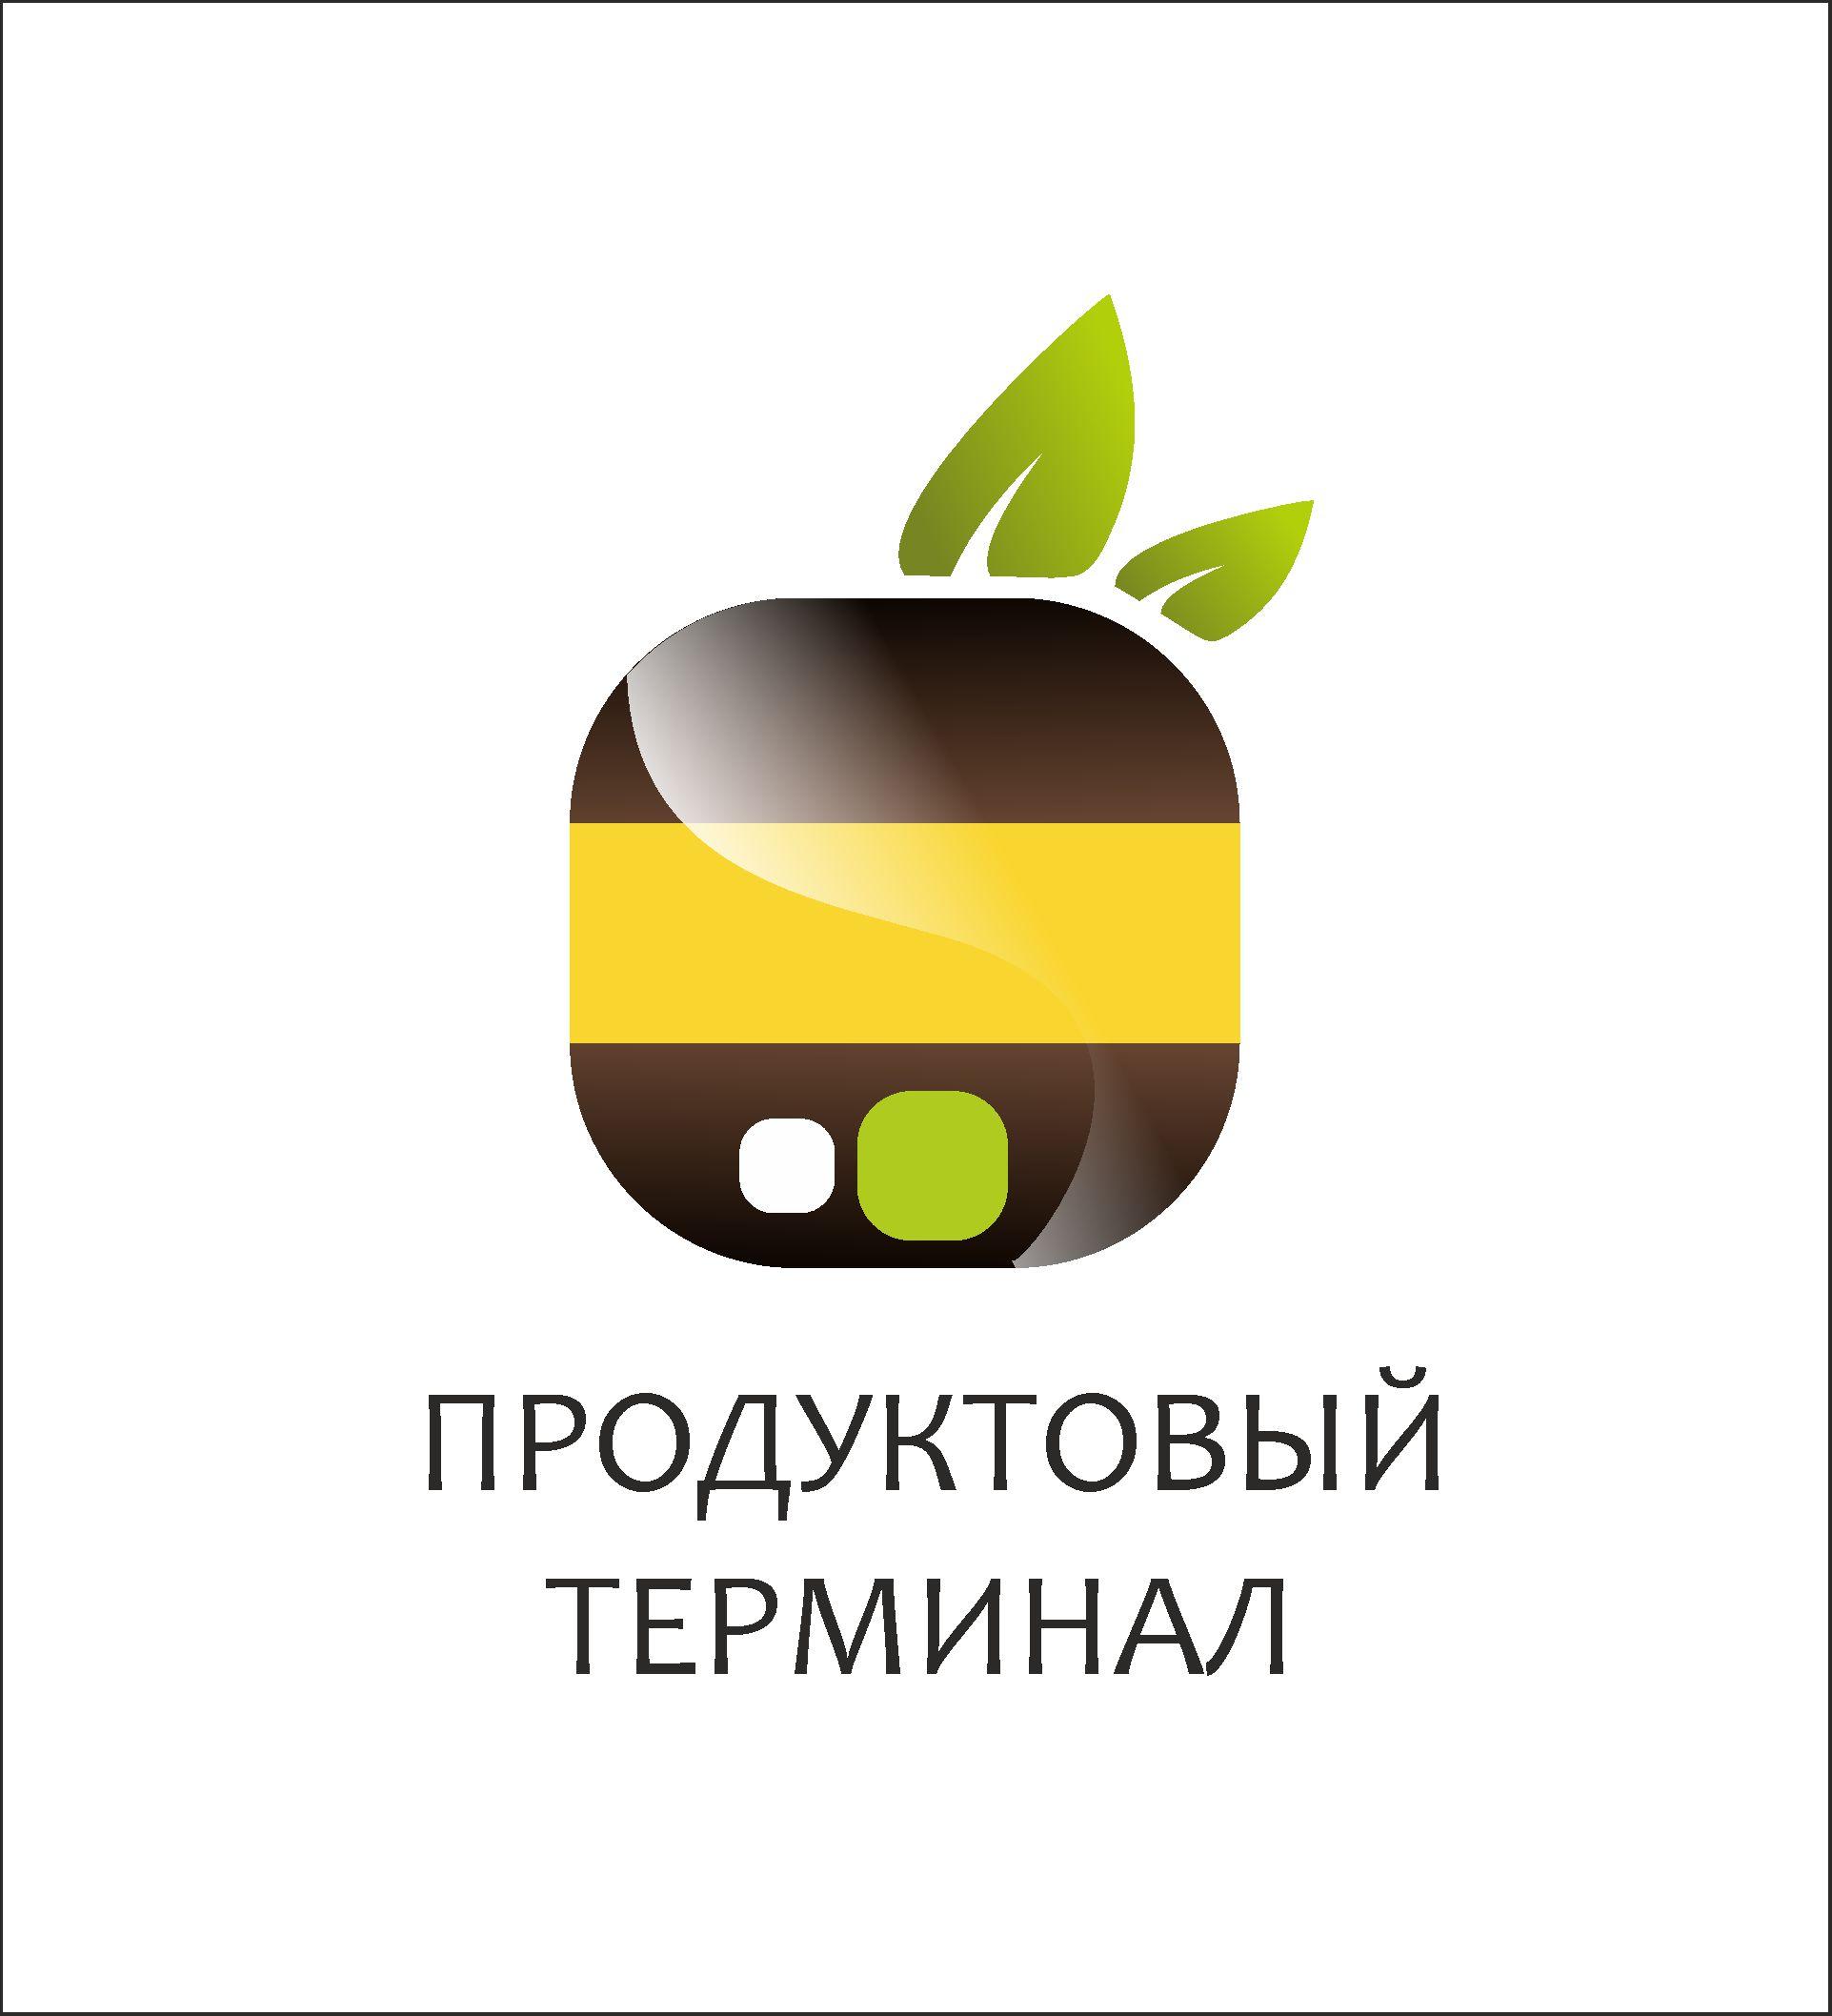 Логотип для сети продуктовых магазинов фото f_18556f913e979d2b.jpg